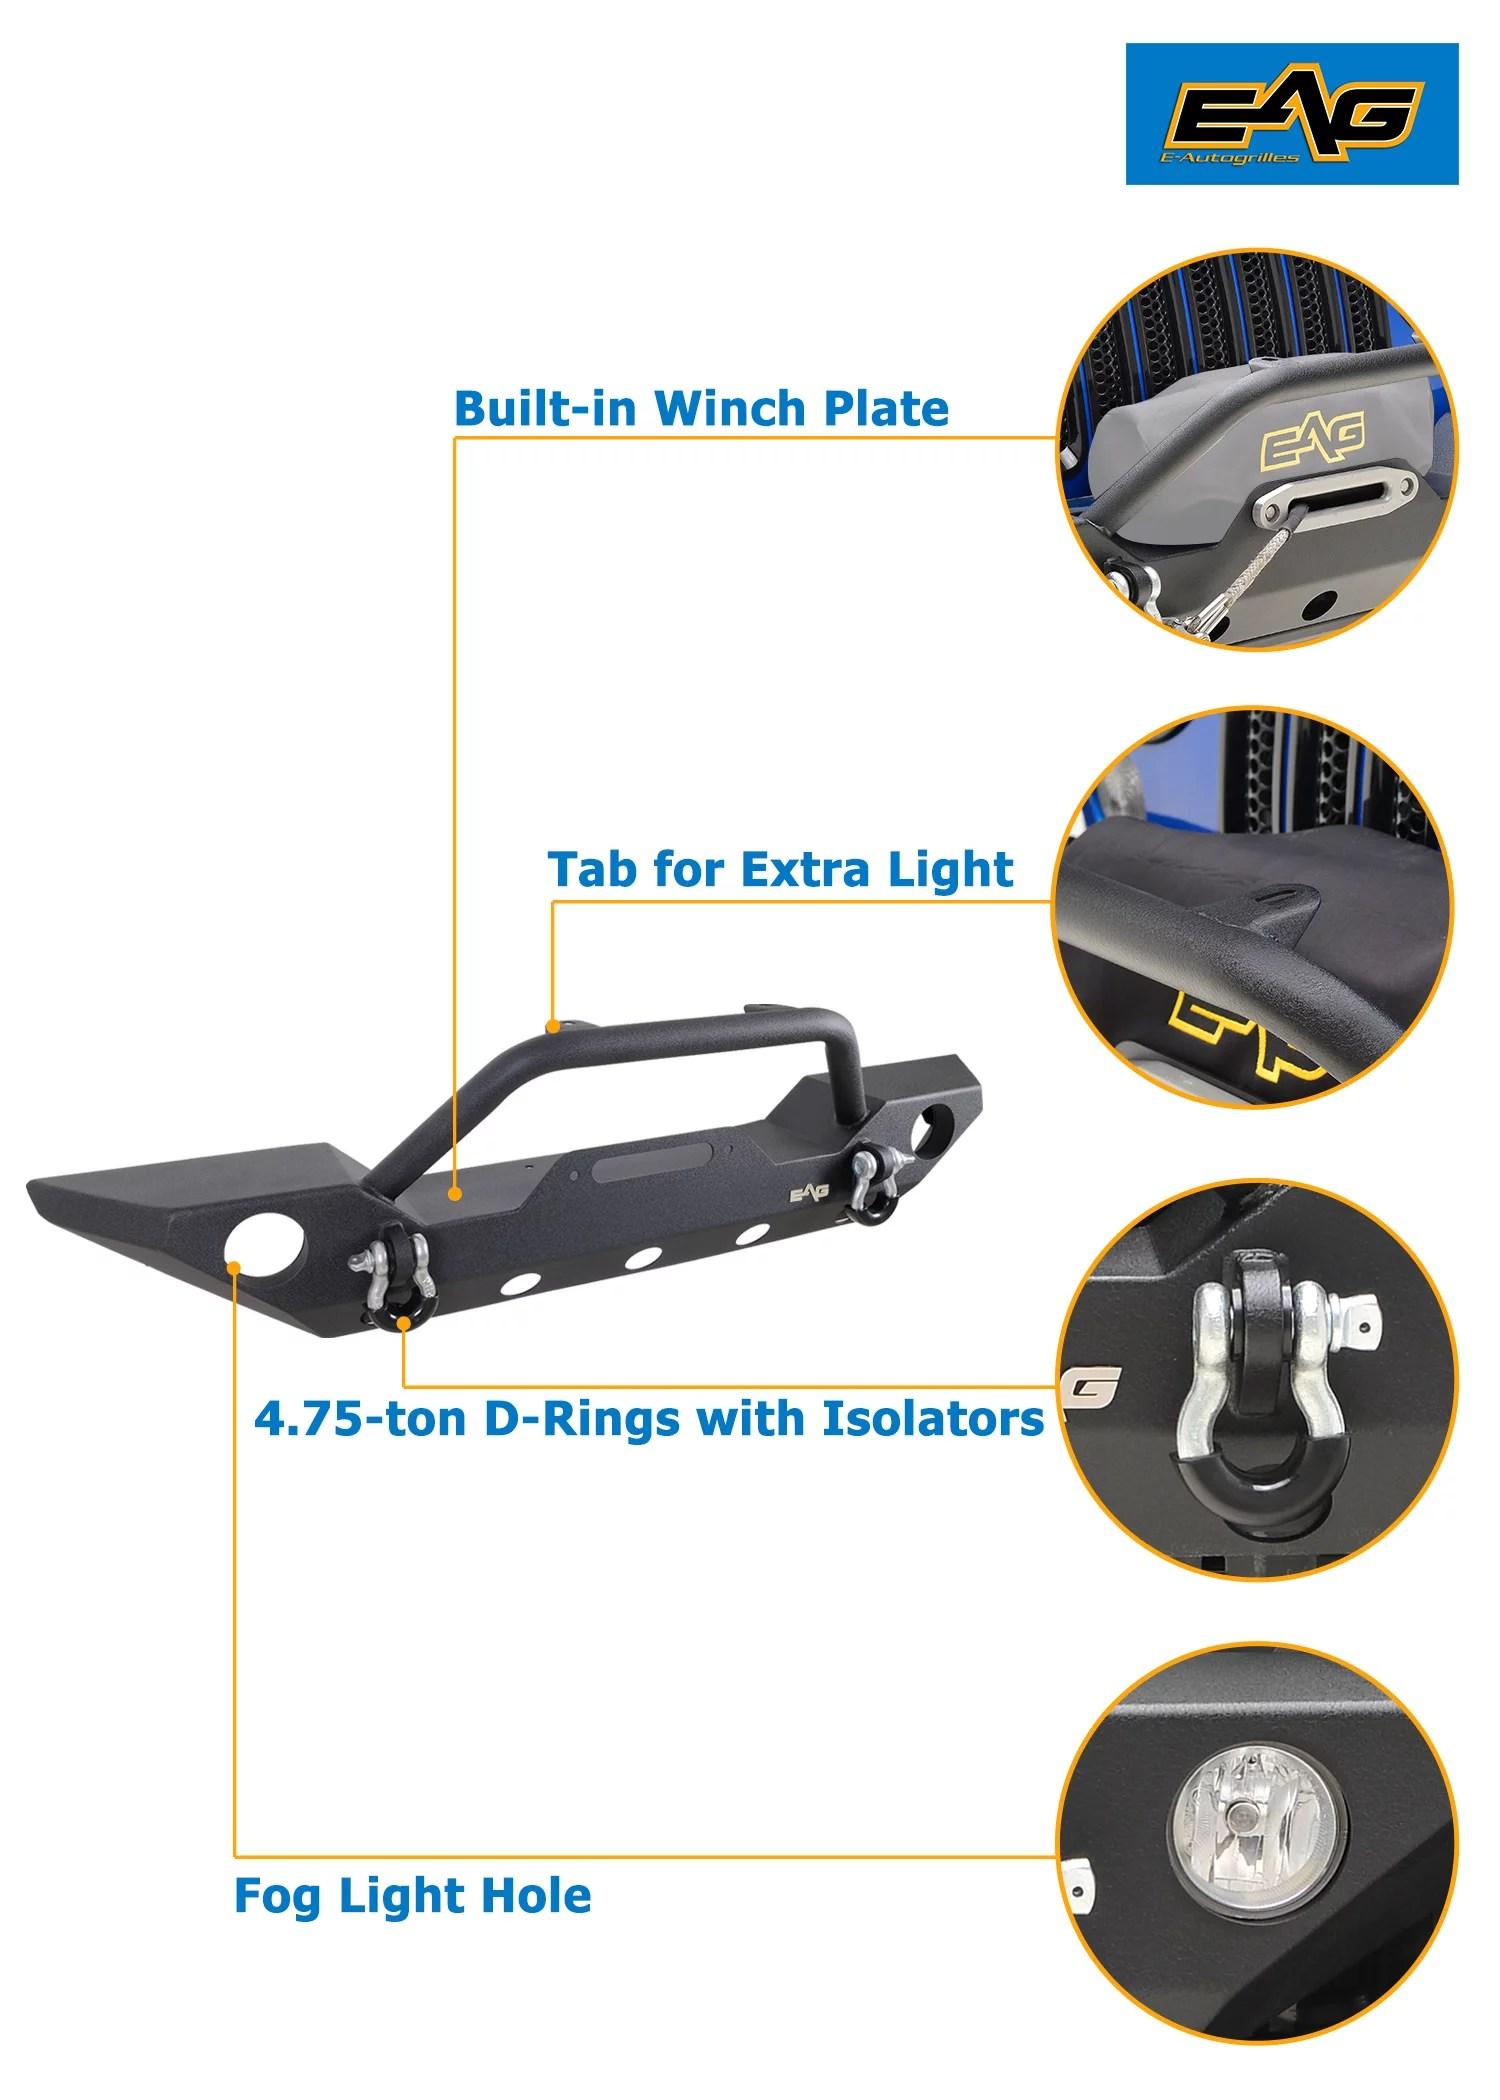 Eag Jeep Parts : parts, 07-18, Wrangler, Front, Bumper, Walmart.com